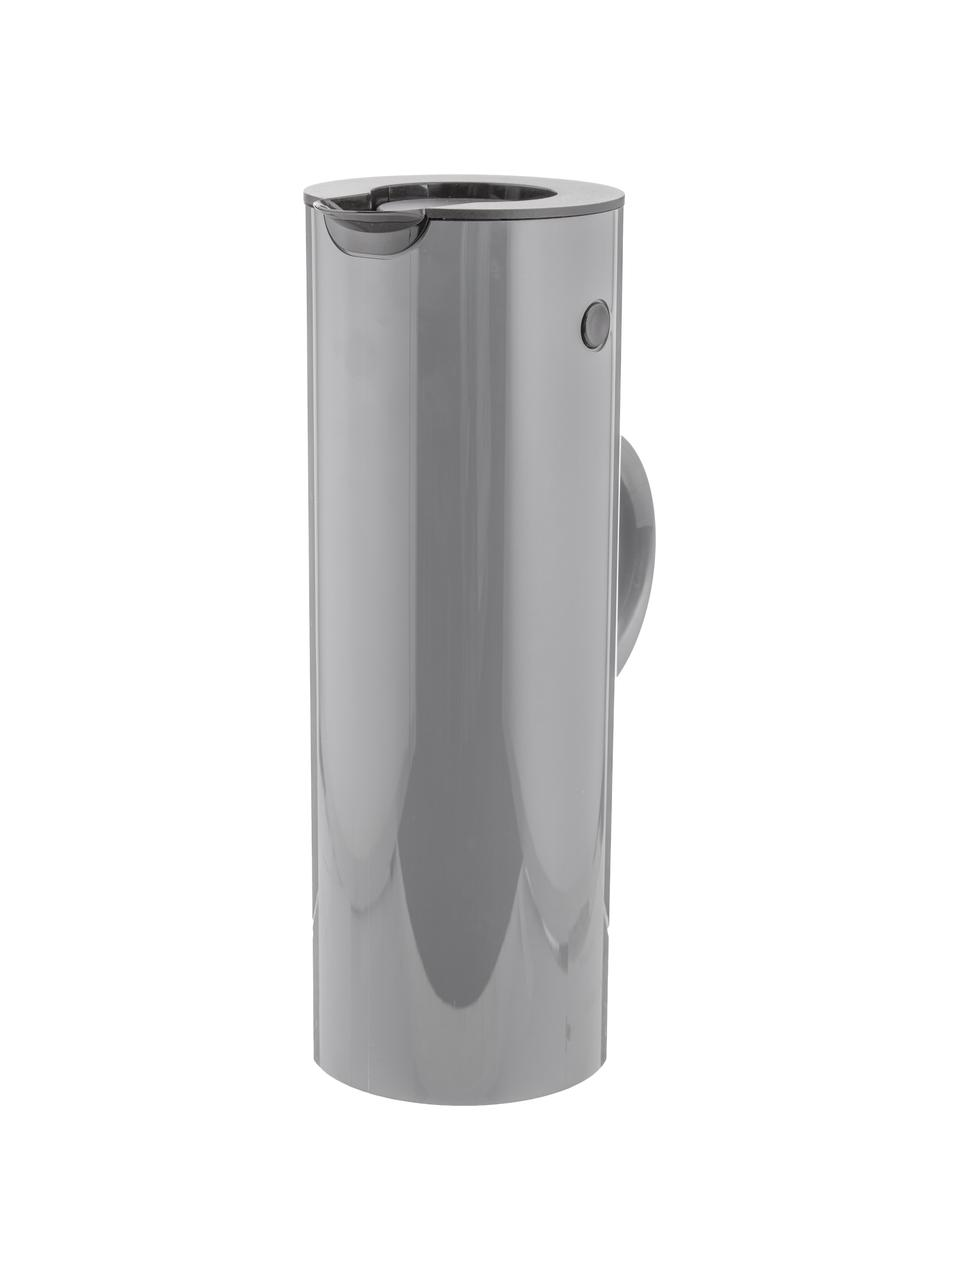 Isolierkanne EM77 in Grau glänzend, 1 L, ABS-Kunststoff, im Inneren mit Glaseinsatz, Granitgrau, 1 L